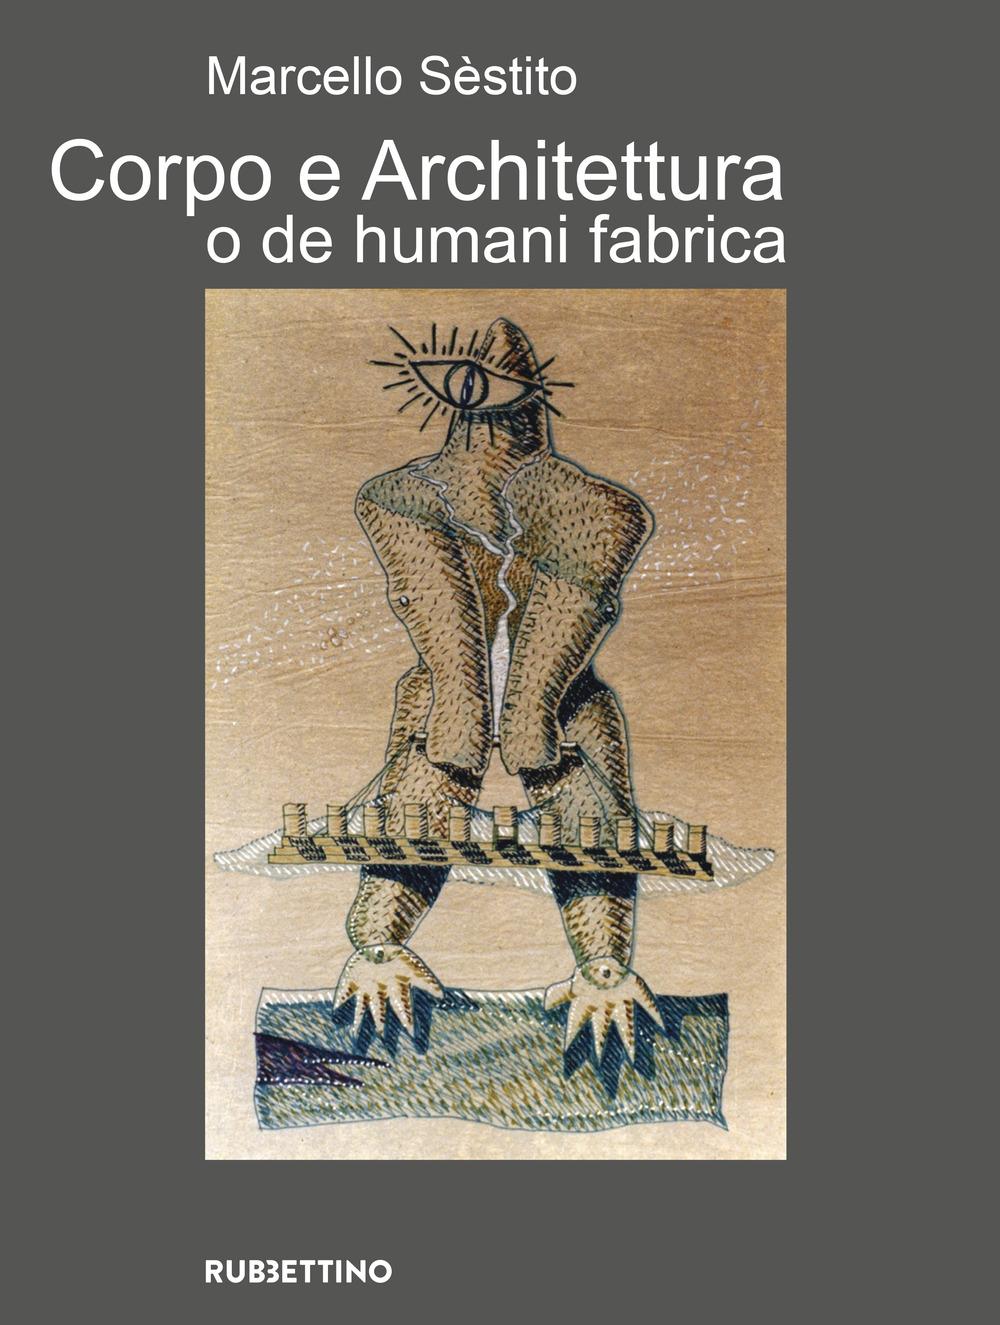 Corpo e architettura o de humani fabrica.